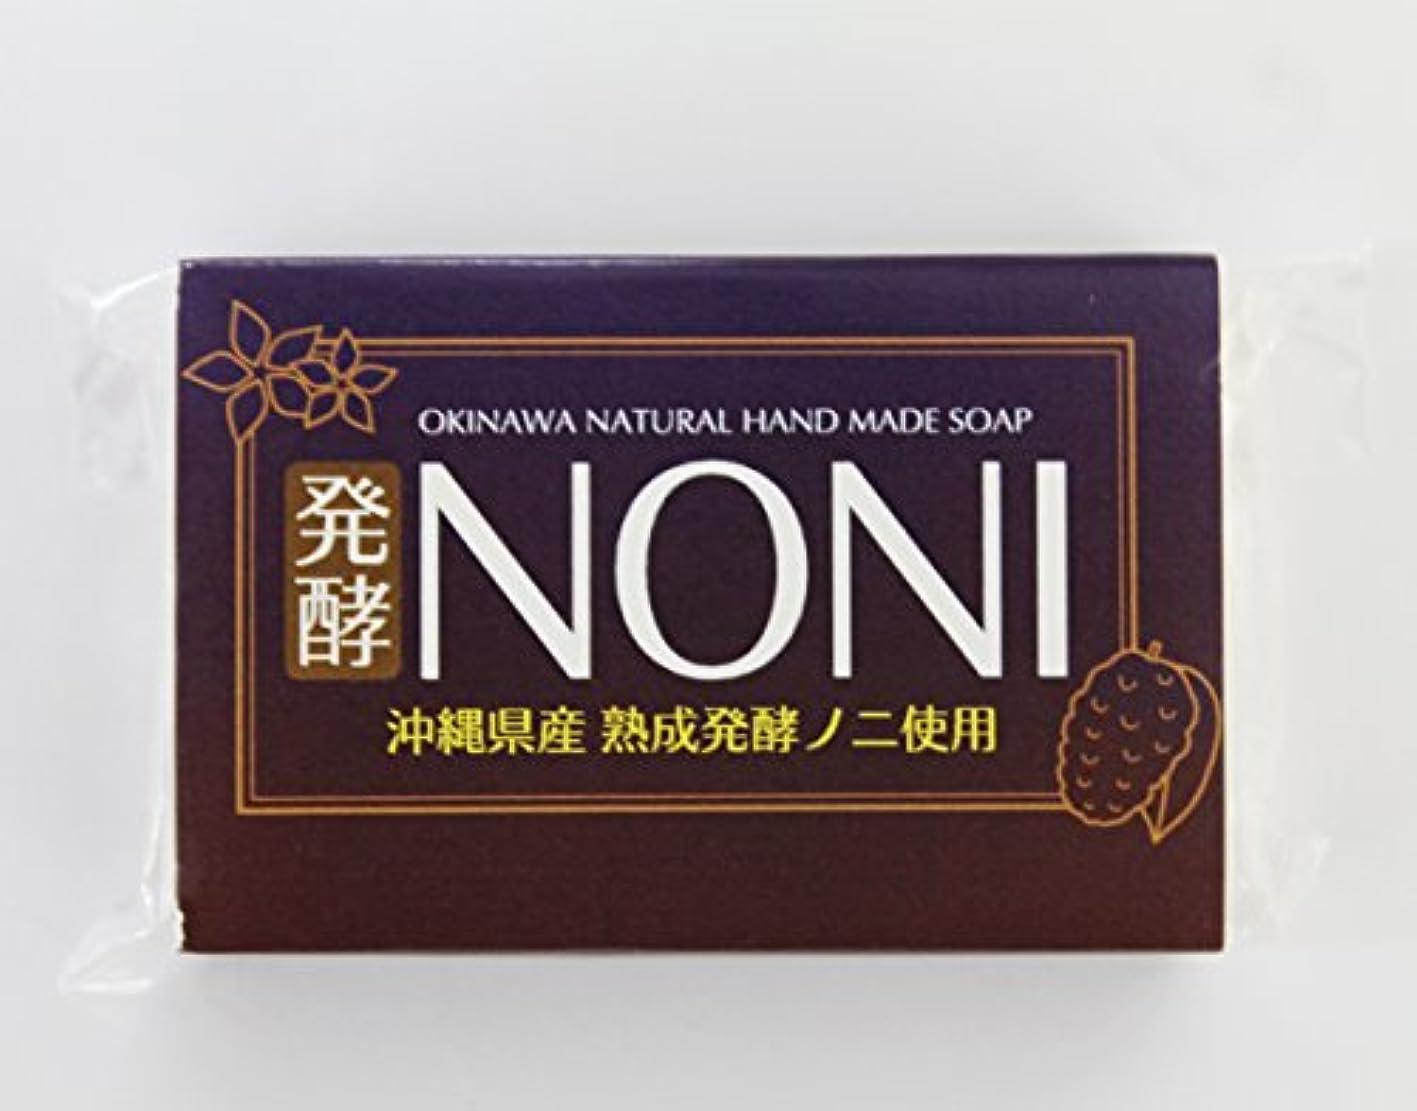 生理ペックディスパッチ沖縄 手作り ナチュラル洗顔 NONI石鹸 100g×30個 GreenEarth 発酵ノニを使用した保湿力の高いナチュラルソープ